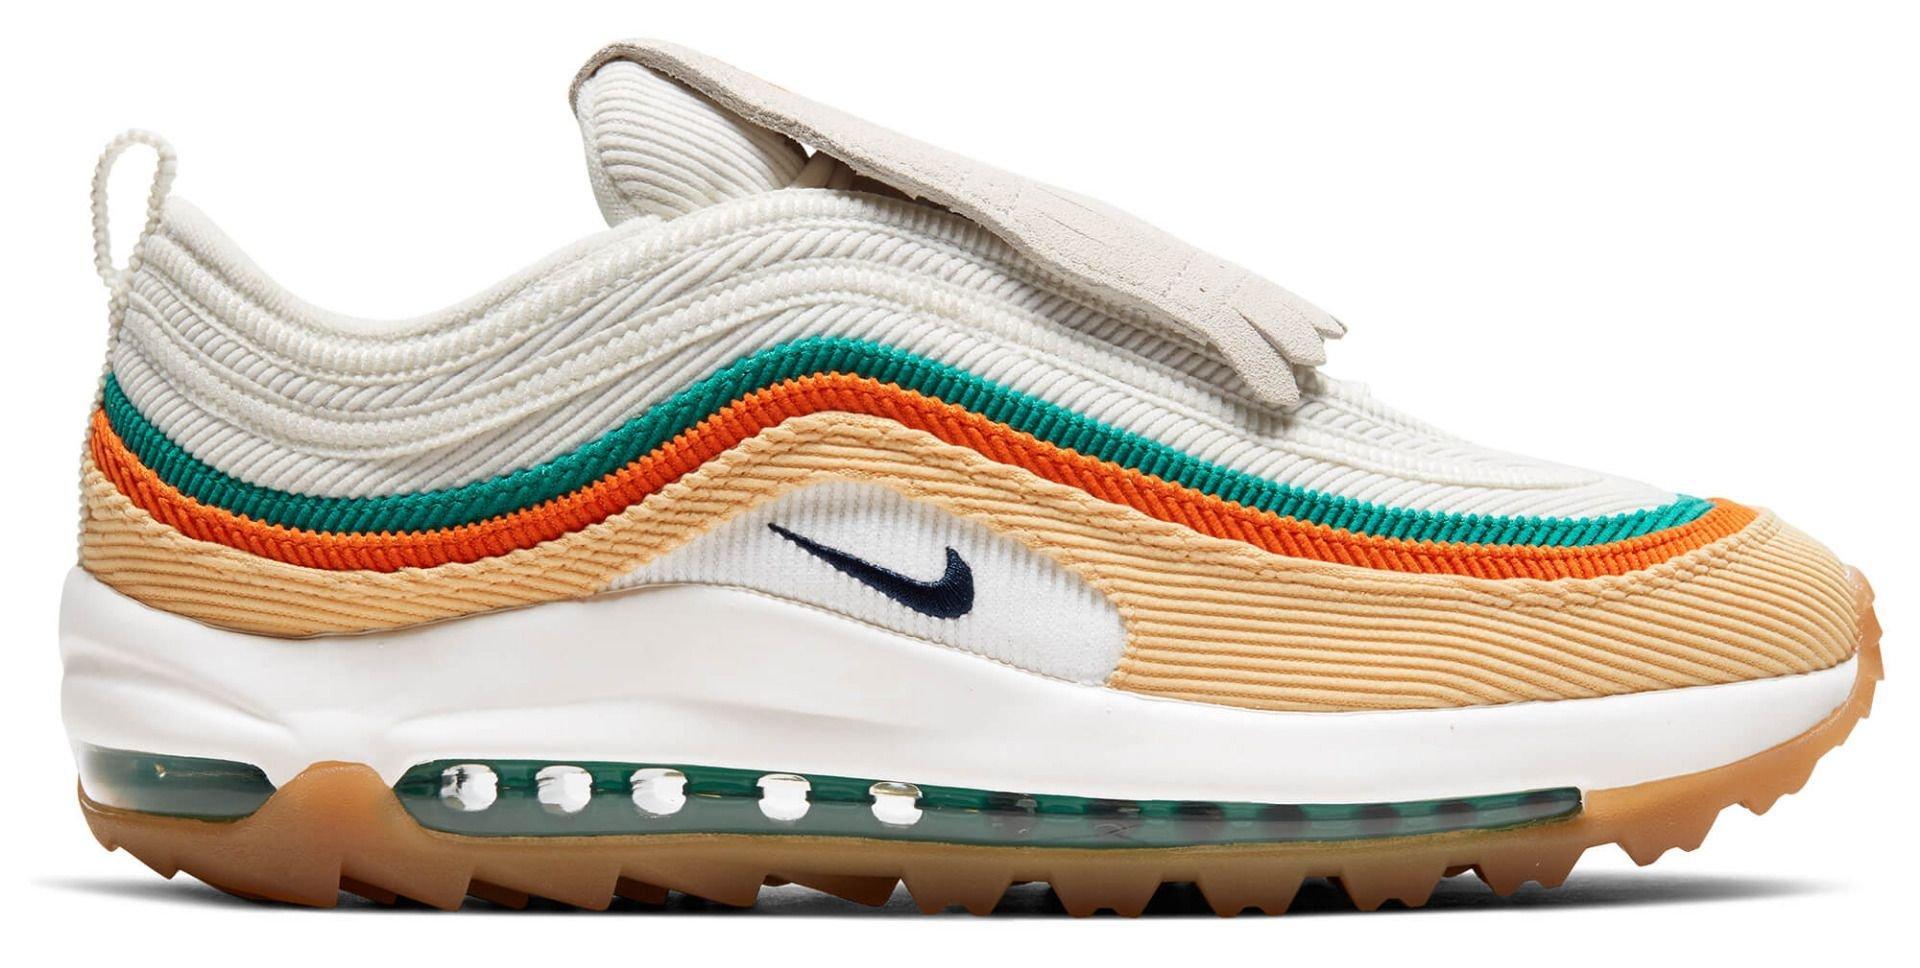 Nike Air Max 97 G NRG Golf Shoes 2020